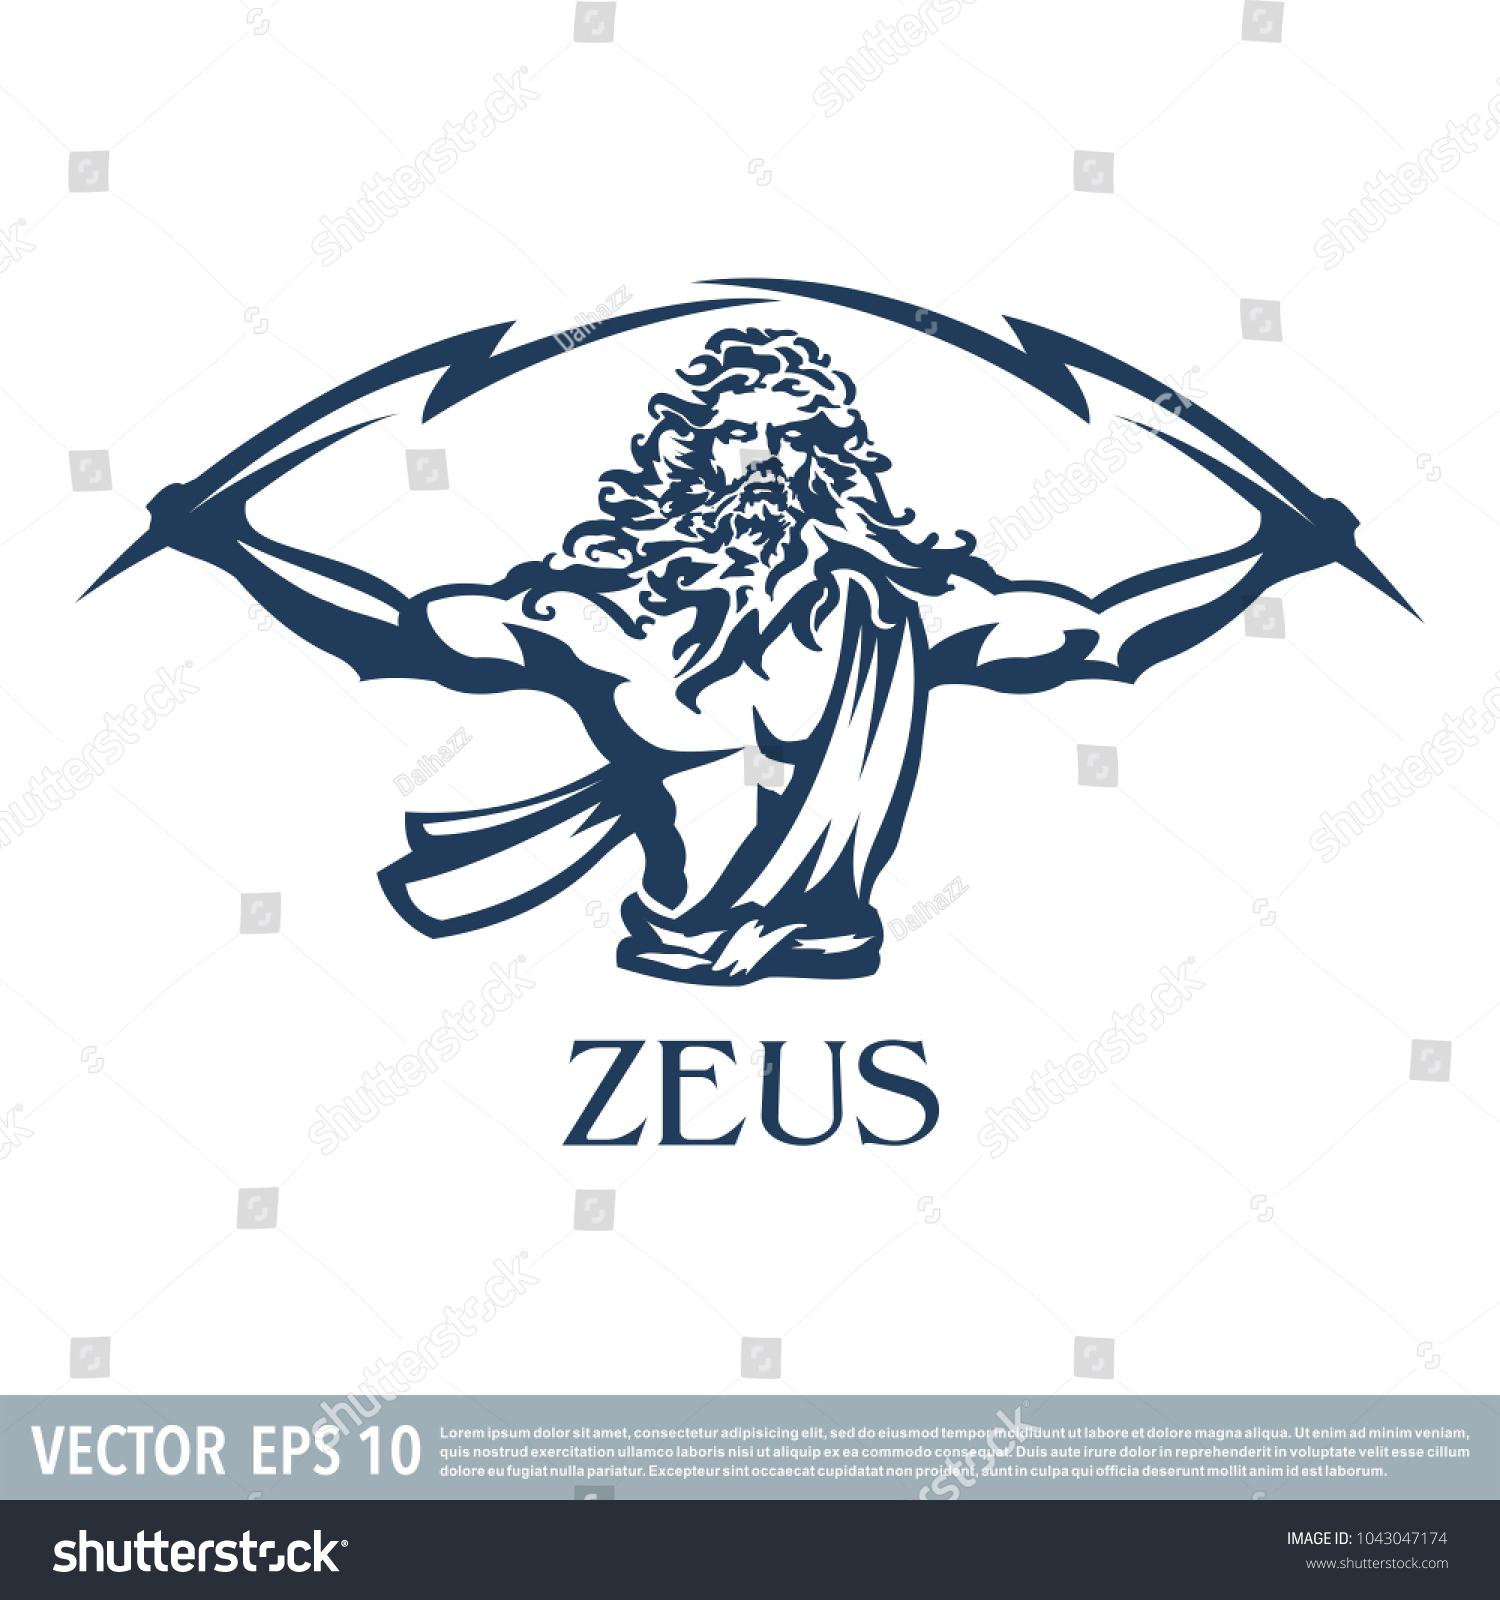 Zeus vector illustration stock vector 1043047174 shutterstock zeus vector illustration biocorpaavc Images